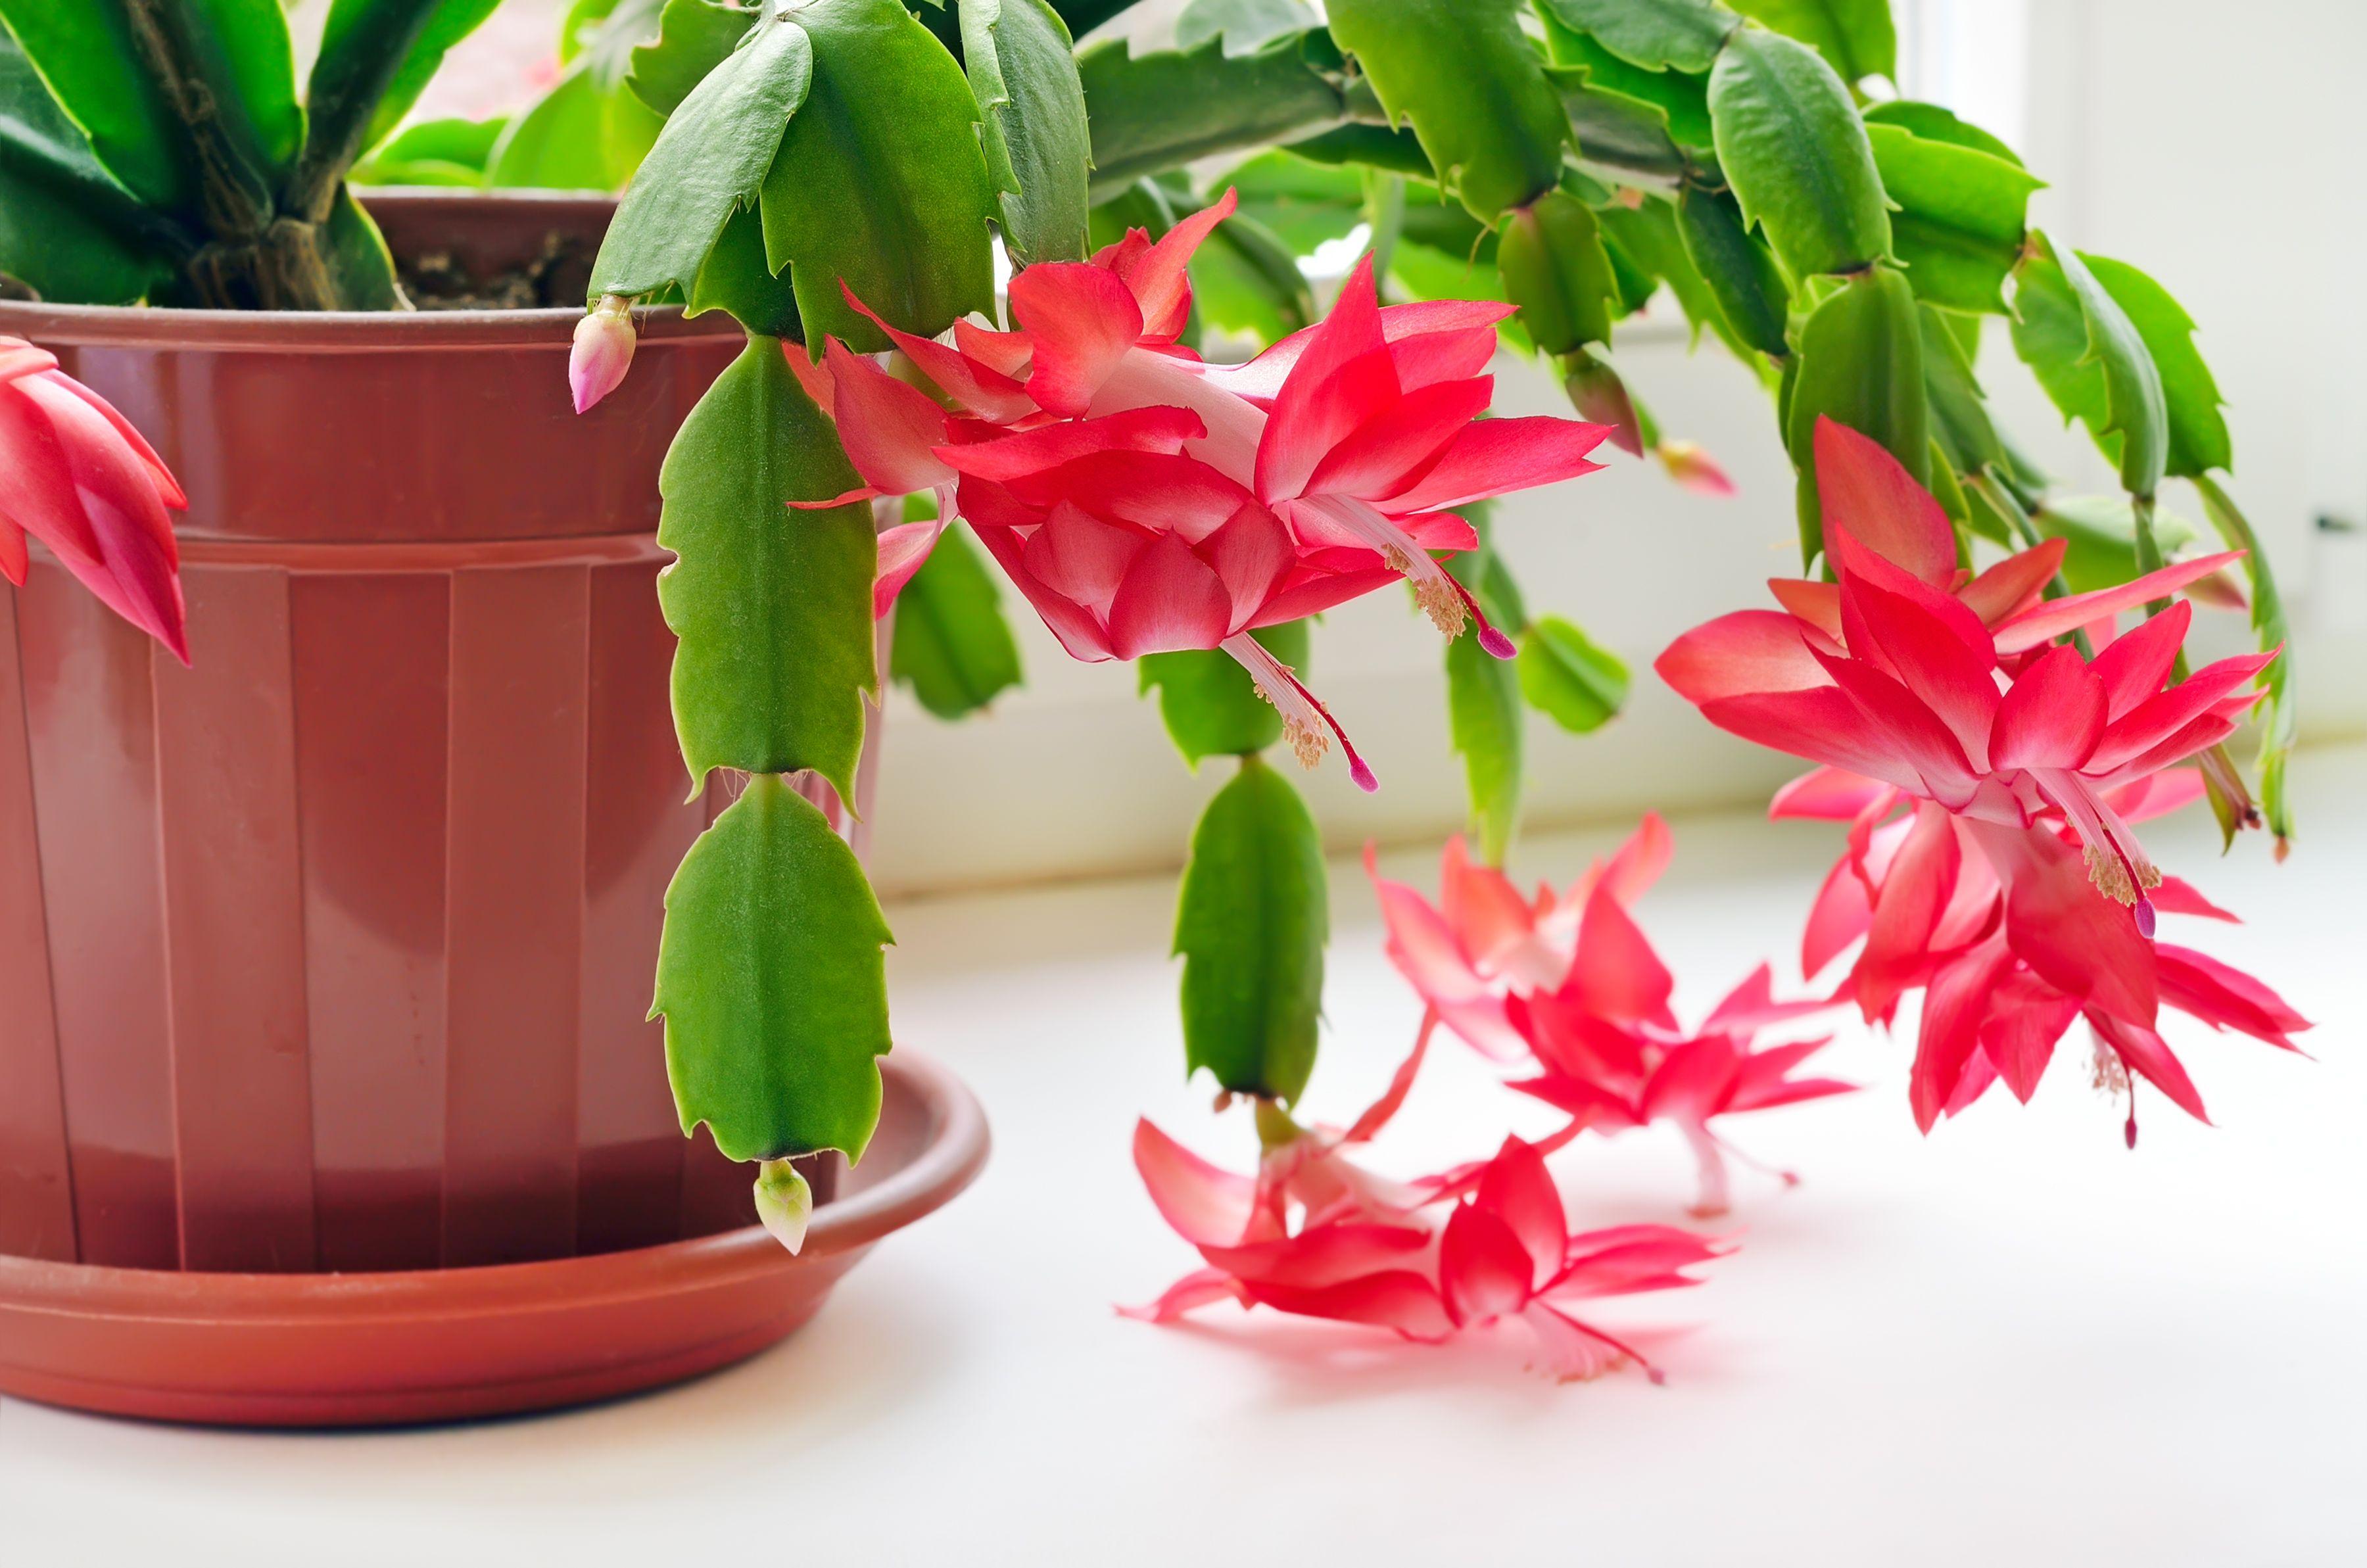 Christmas Cactus , Christmas Cactus Care Guide \u0026 How To Rebloom